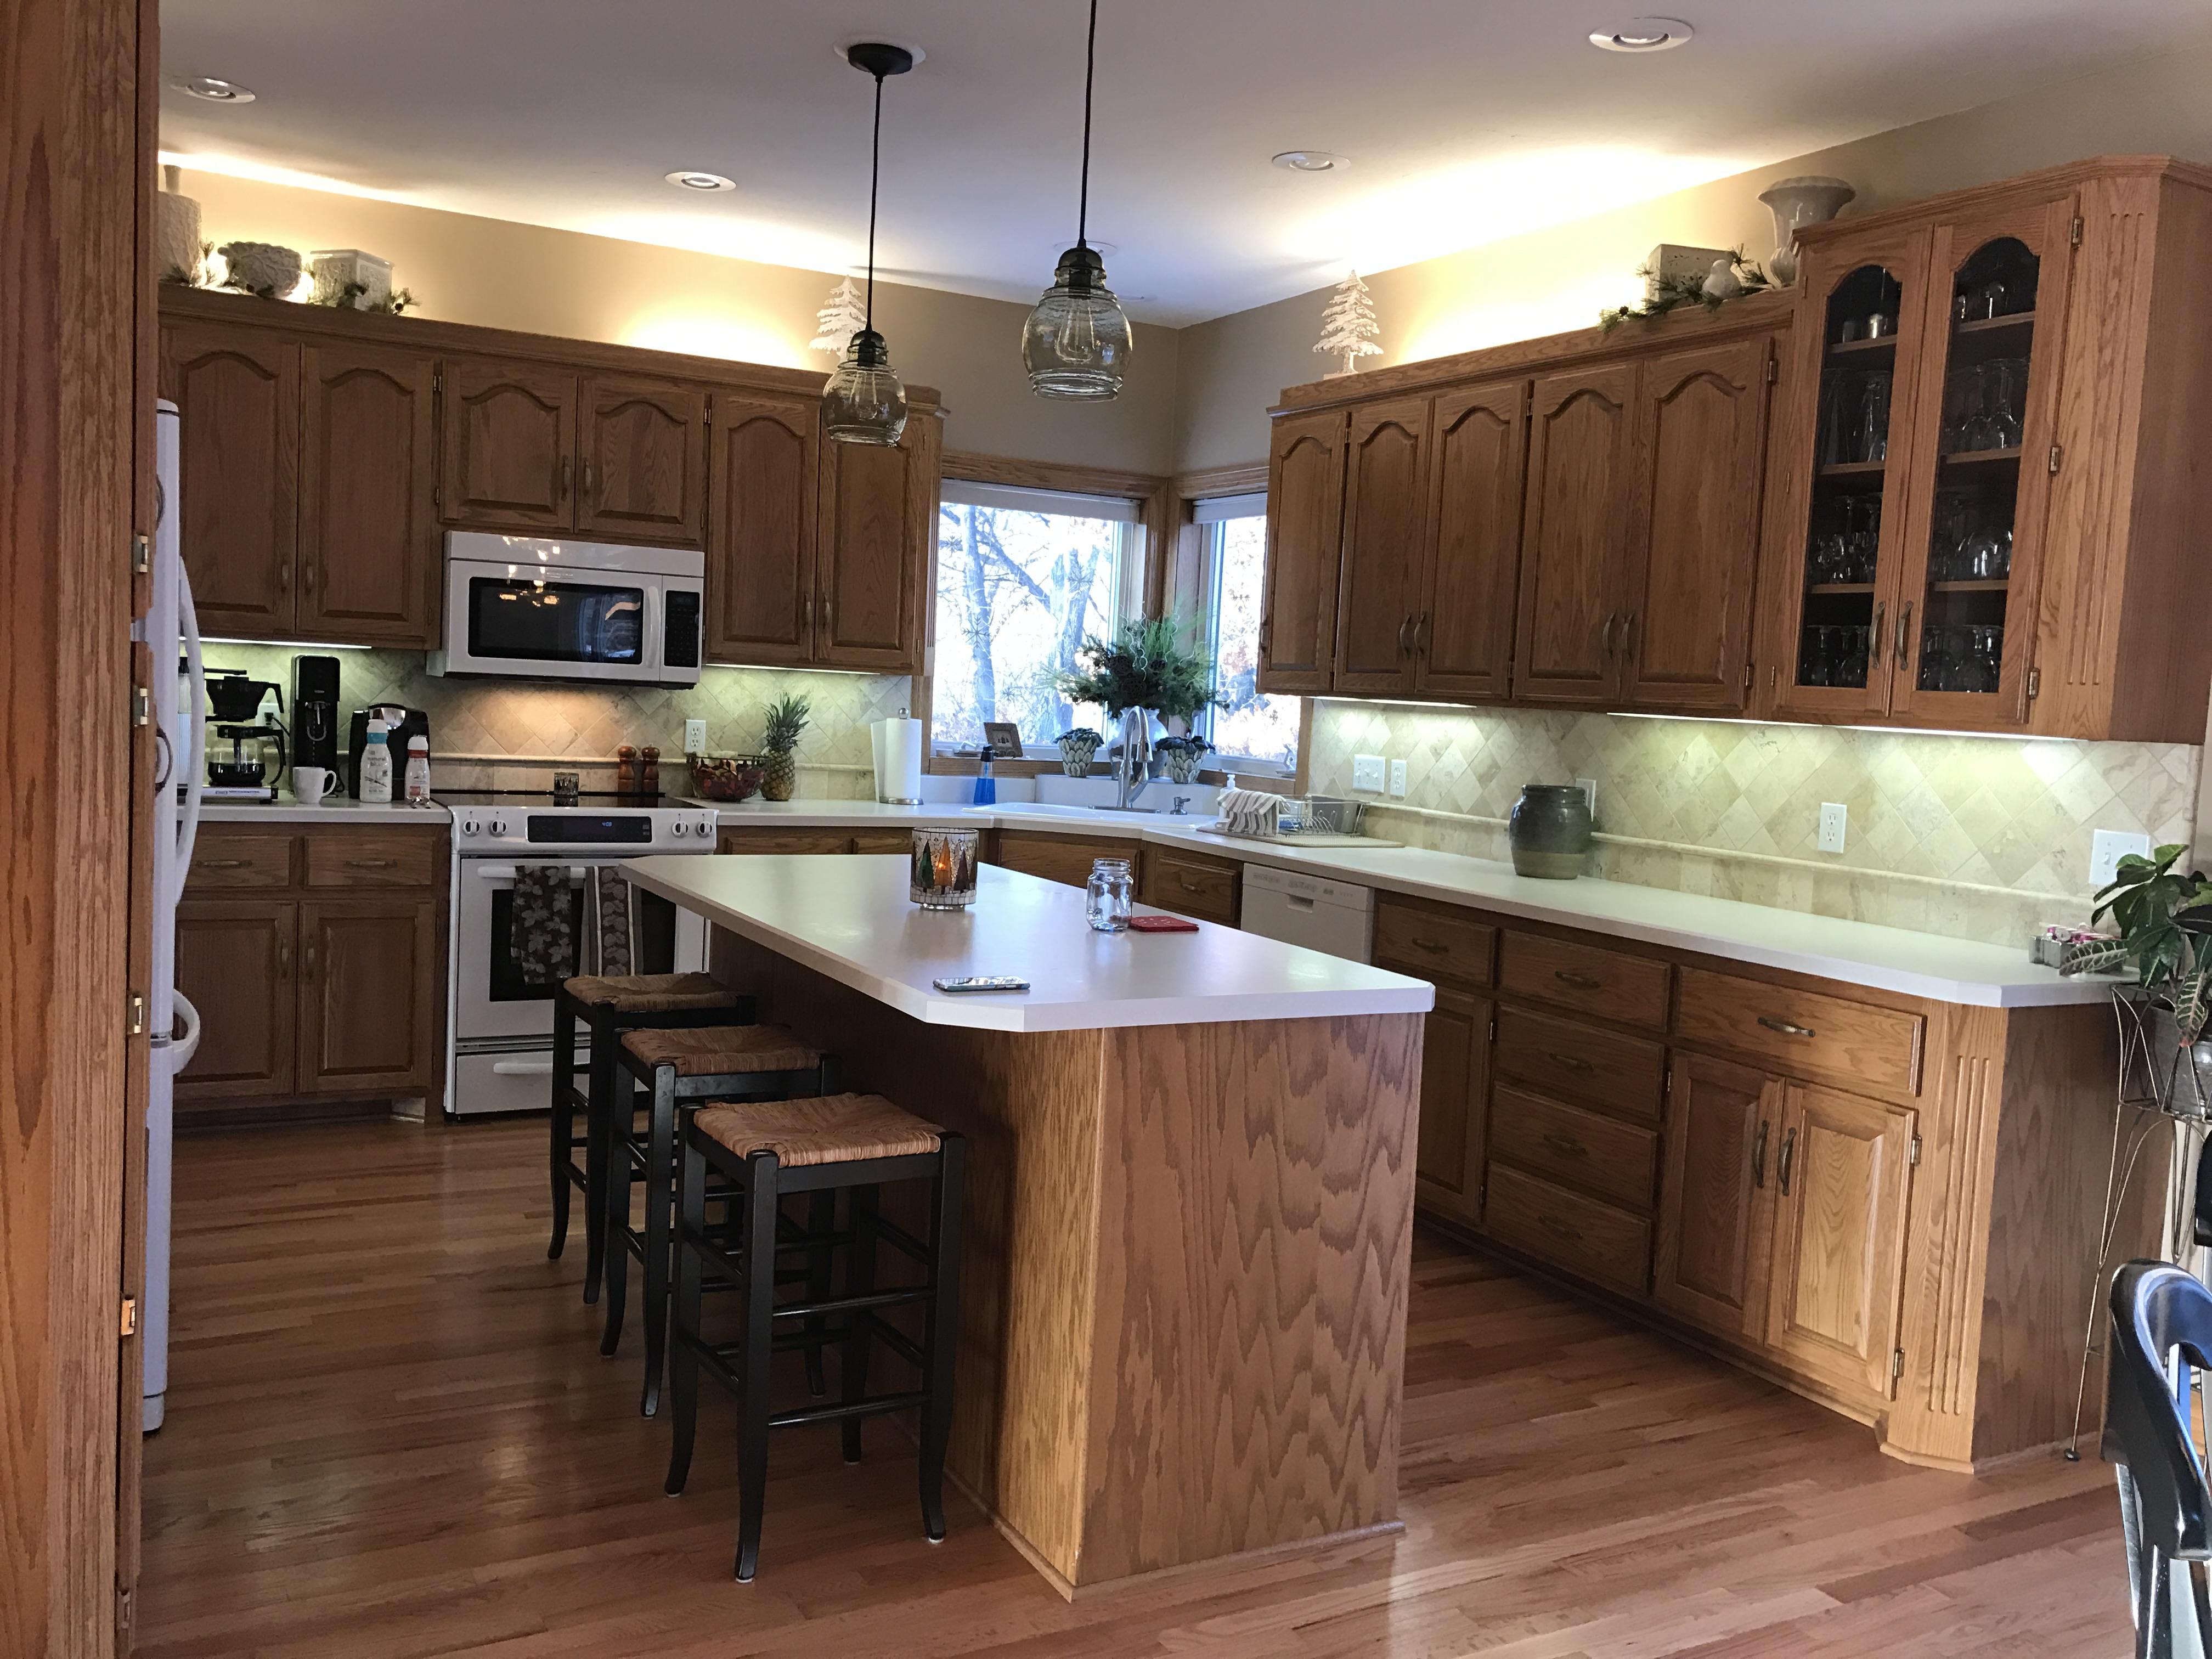 Updating Oak Cabinets Doors Floors Trim